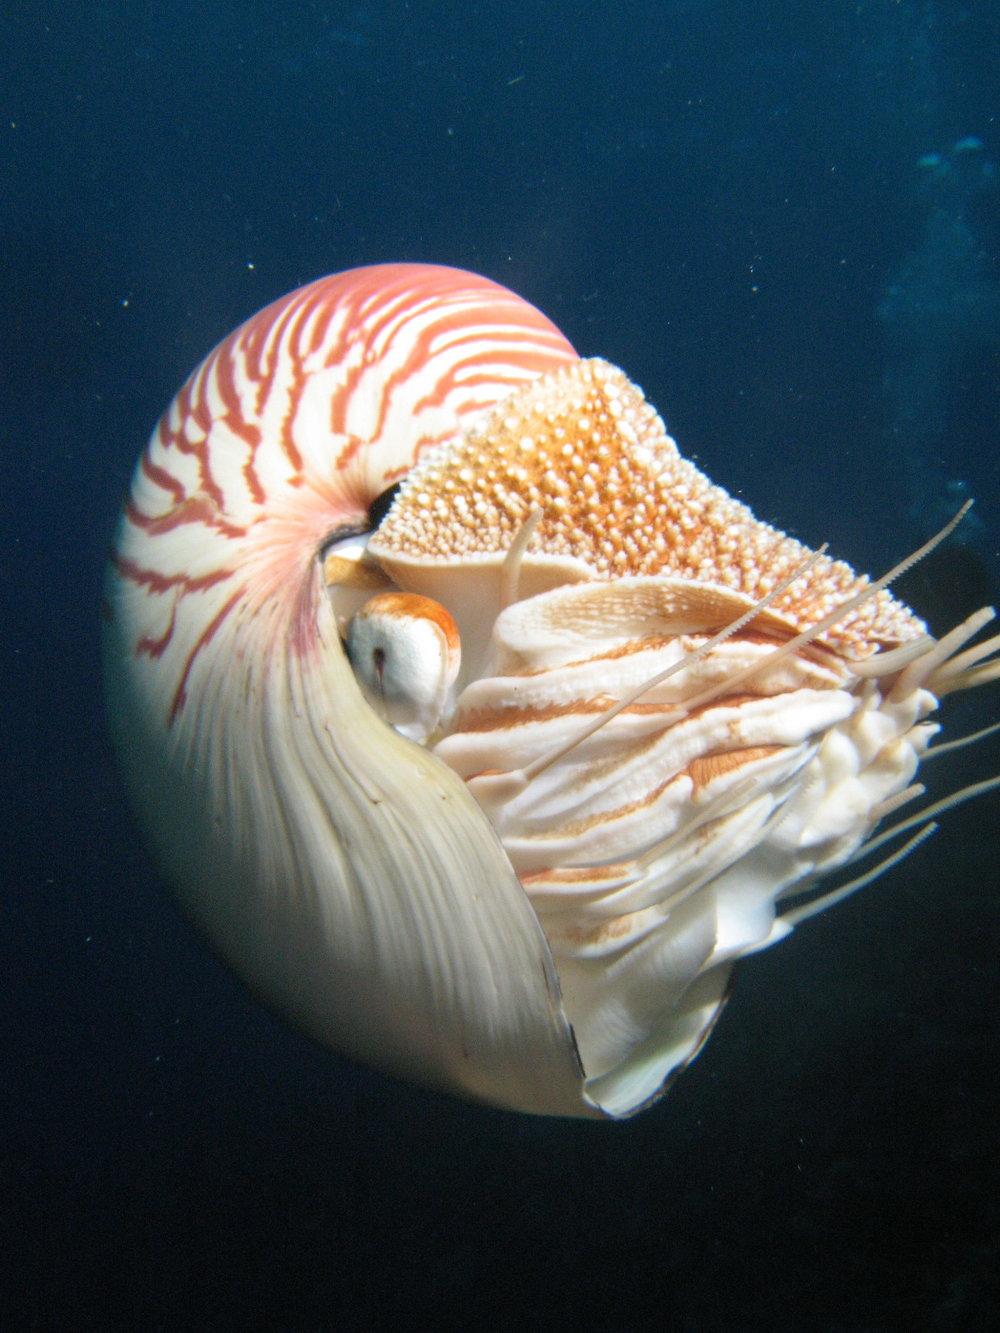 Nautilus - Osprey Reef, Coral Sea 2007